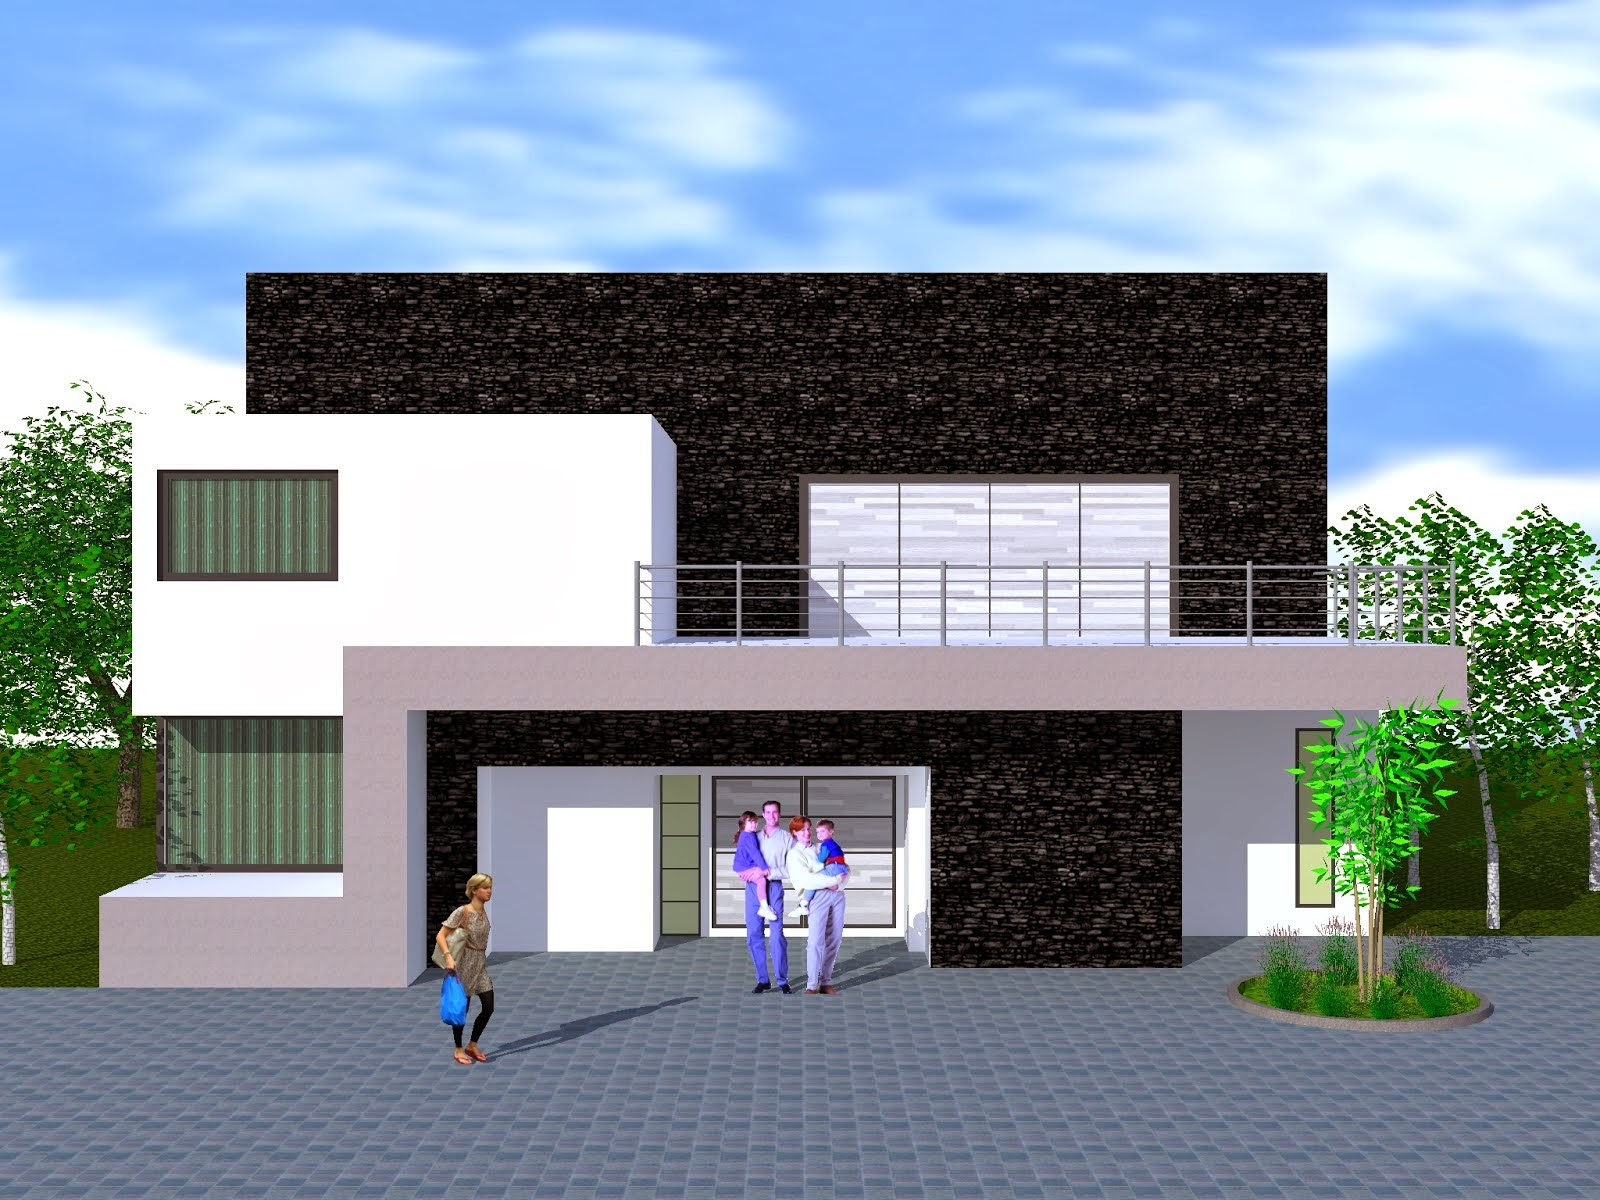 Fachadas y casas excelentes im genes de fachadas for Diseno de fachadas minimalistas